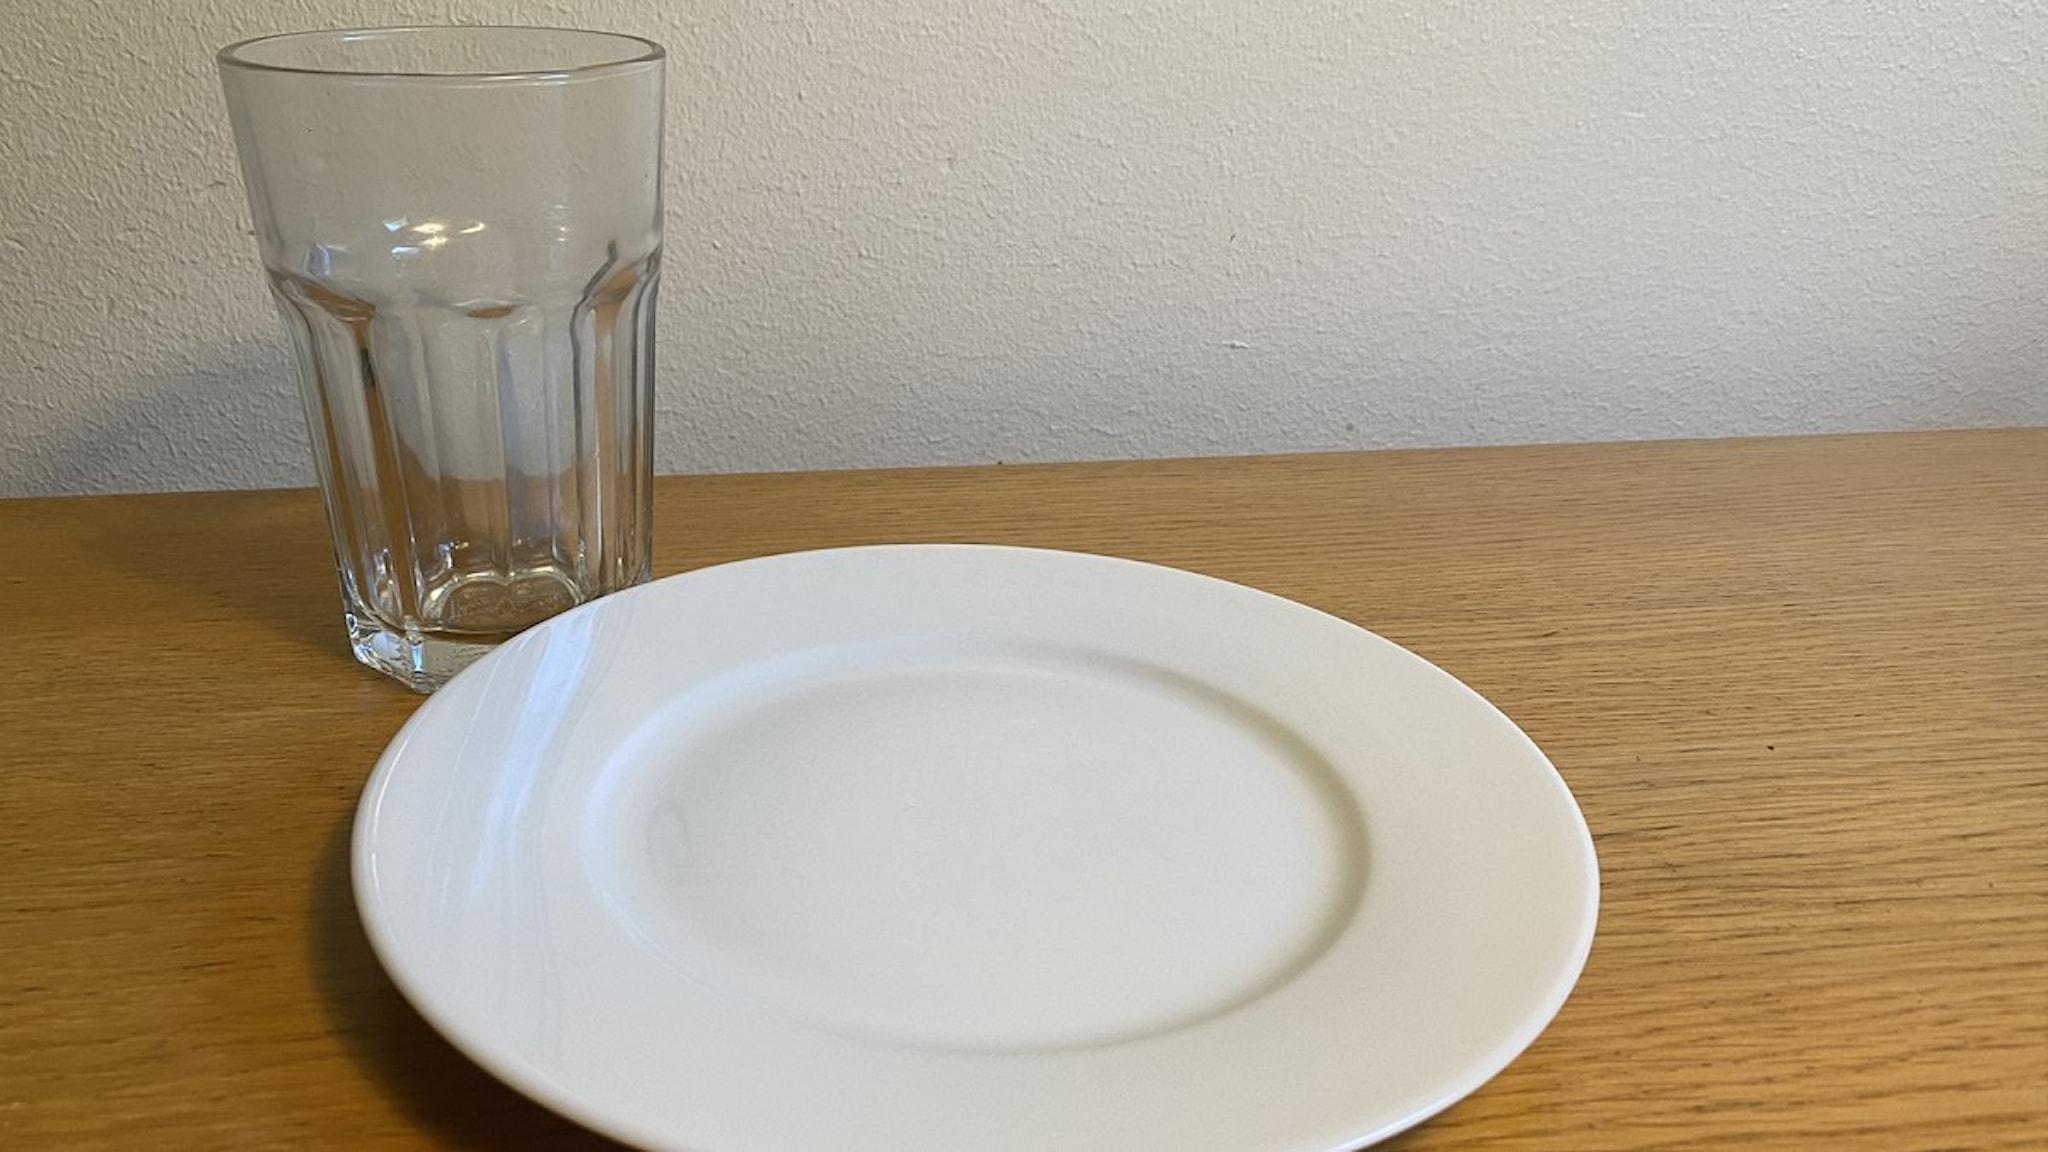 Bild på tallrik och glas